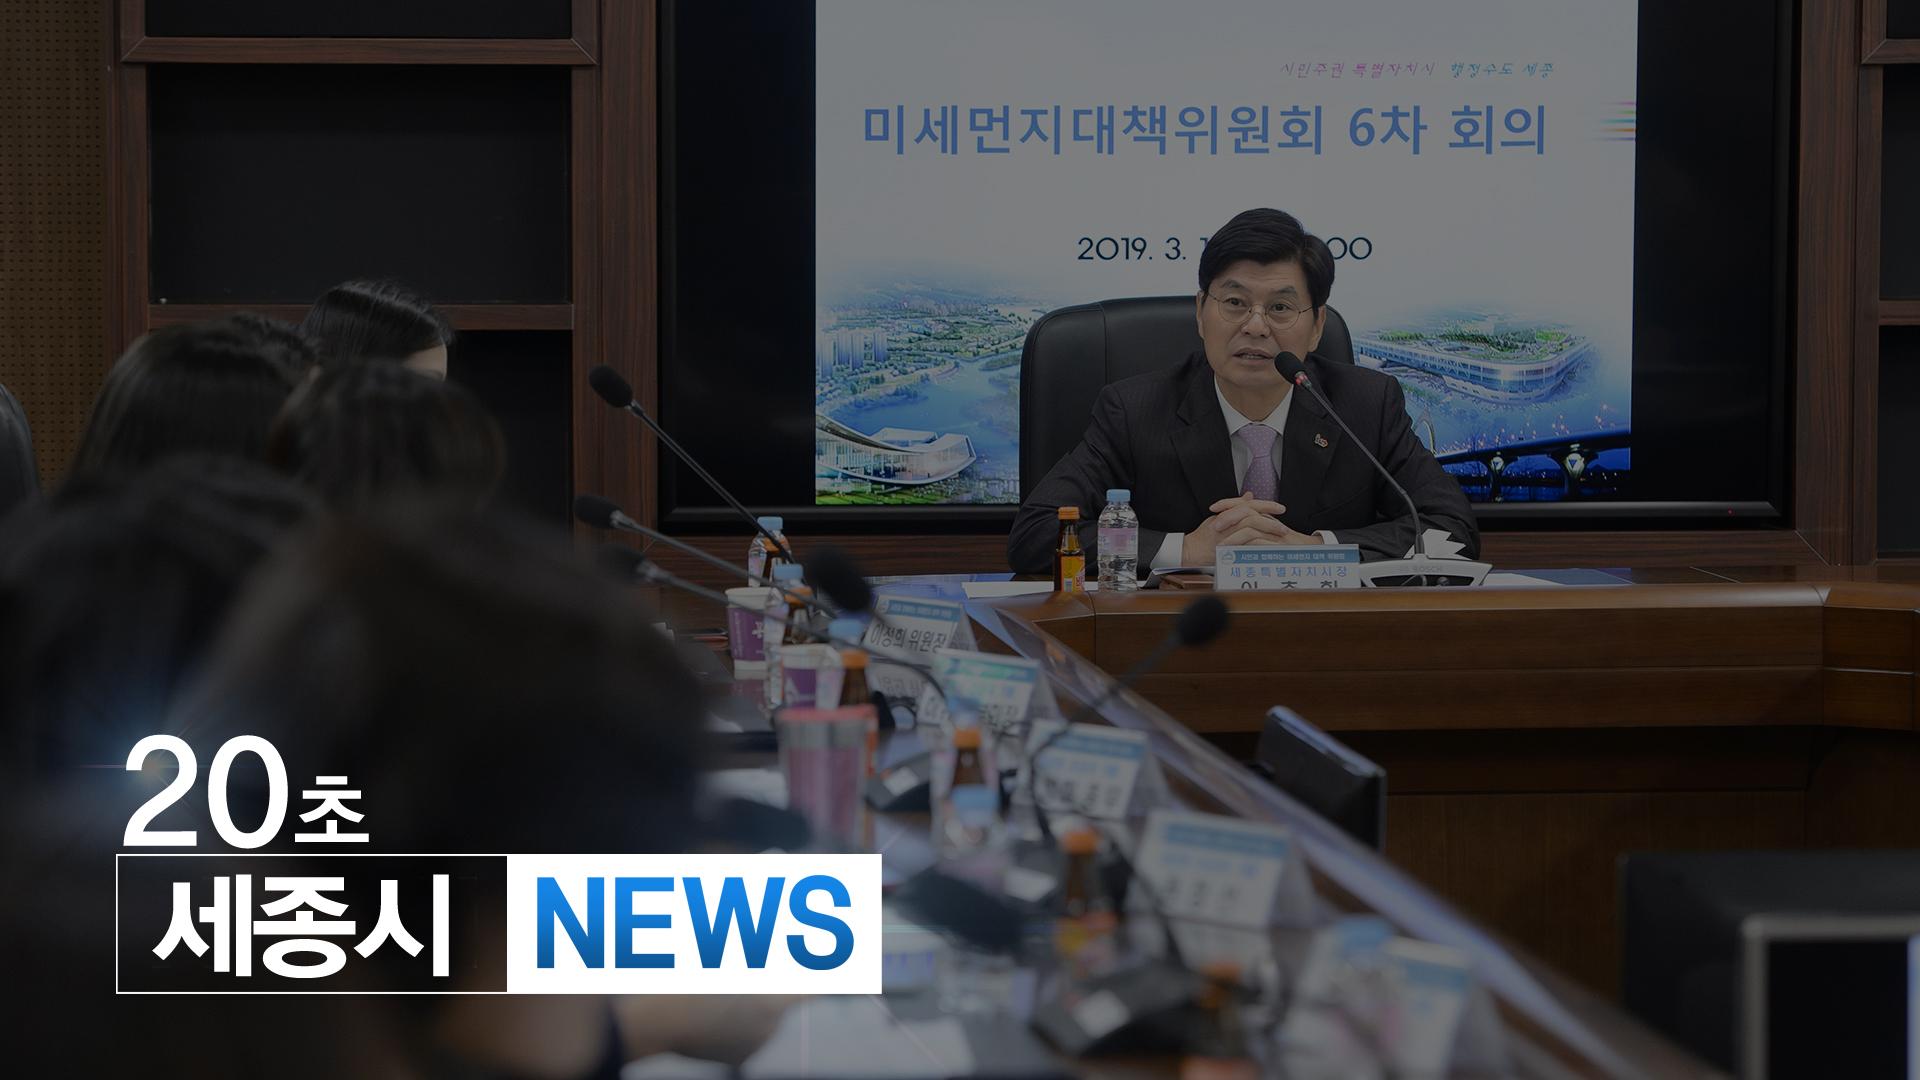 <20초뉴스> 어린이·어르신 미세먼지 민감계층 보호 최선